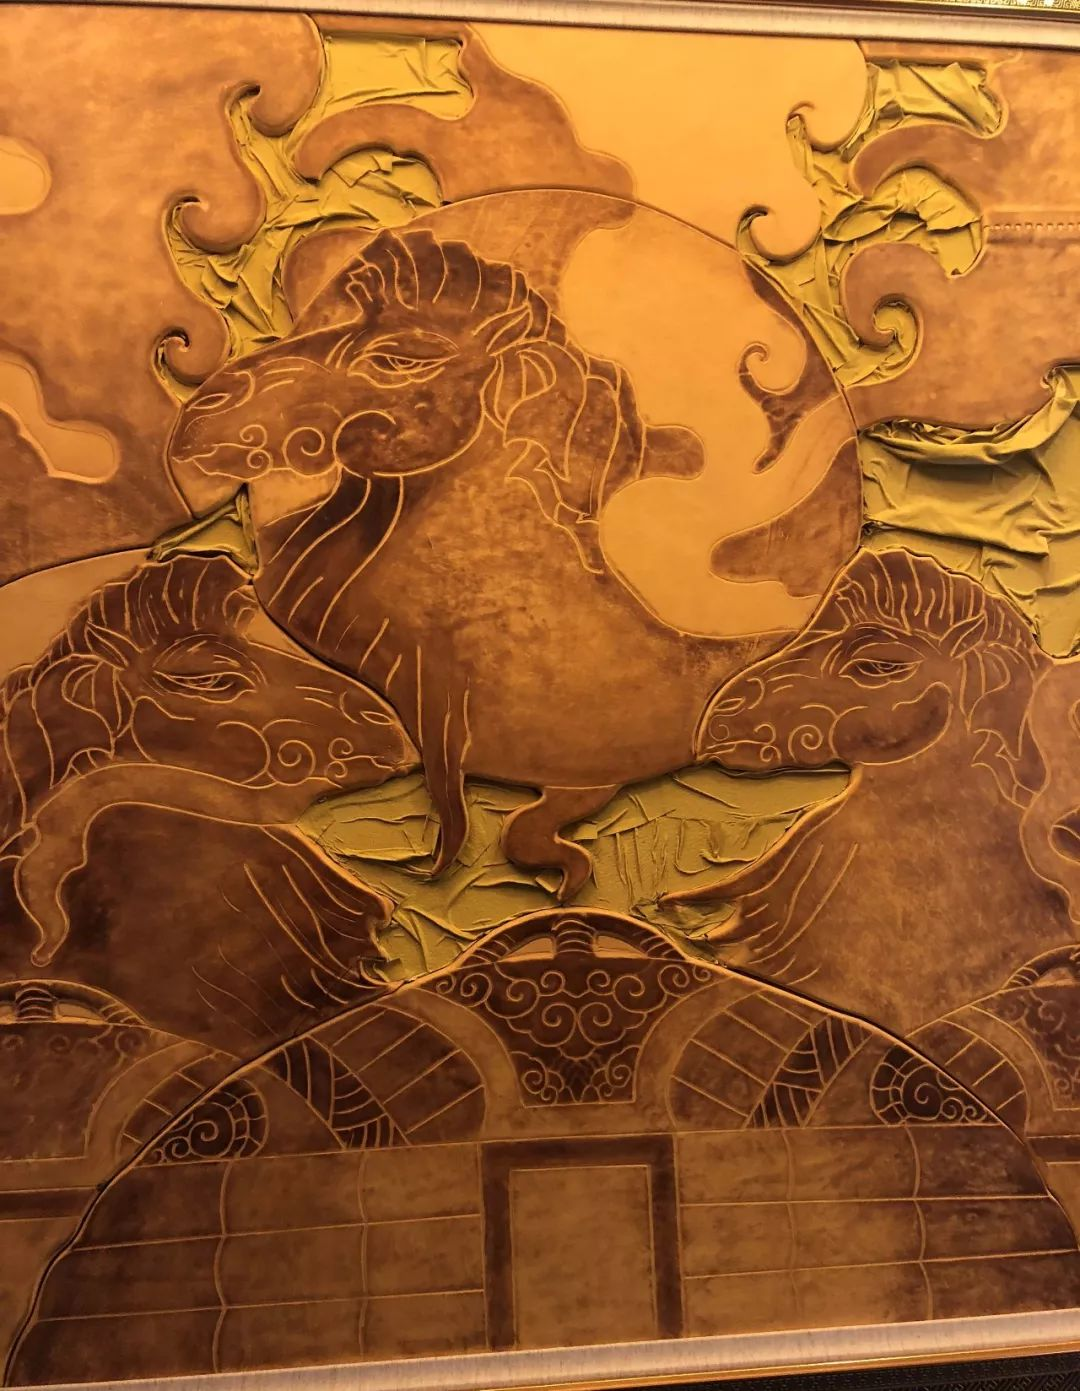 【蒙古文】阿拉善80后雕刻达人:薄牛皮上雕出3D立体画,啧啧令人称奇 第25张 【蒙古文】阿拉善80后雕刻达人:薄牛皮上雕出3D立体画,啧啧令人称奇 蒙古工艺